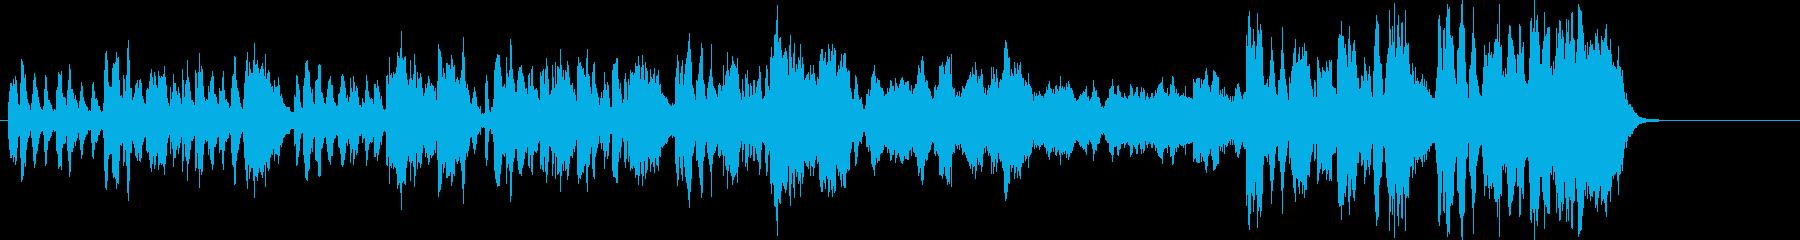 オーケストラ楽器。ユーモラスなアン...の再生済みの波形